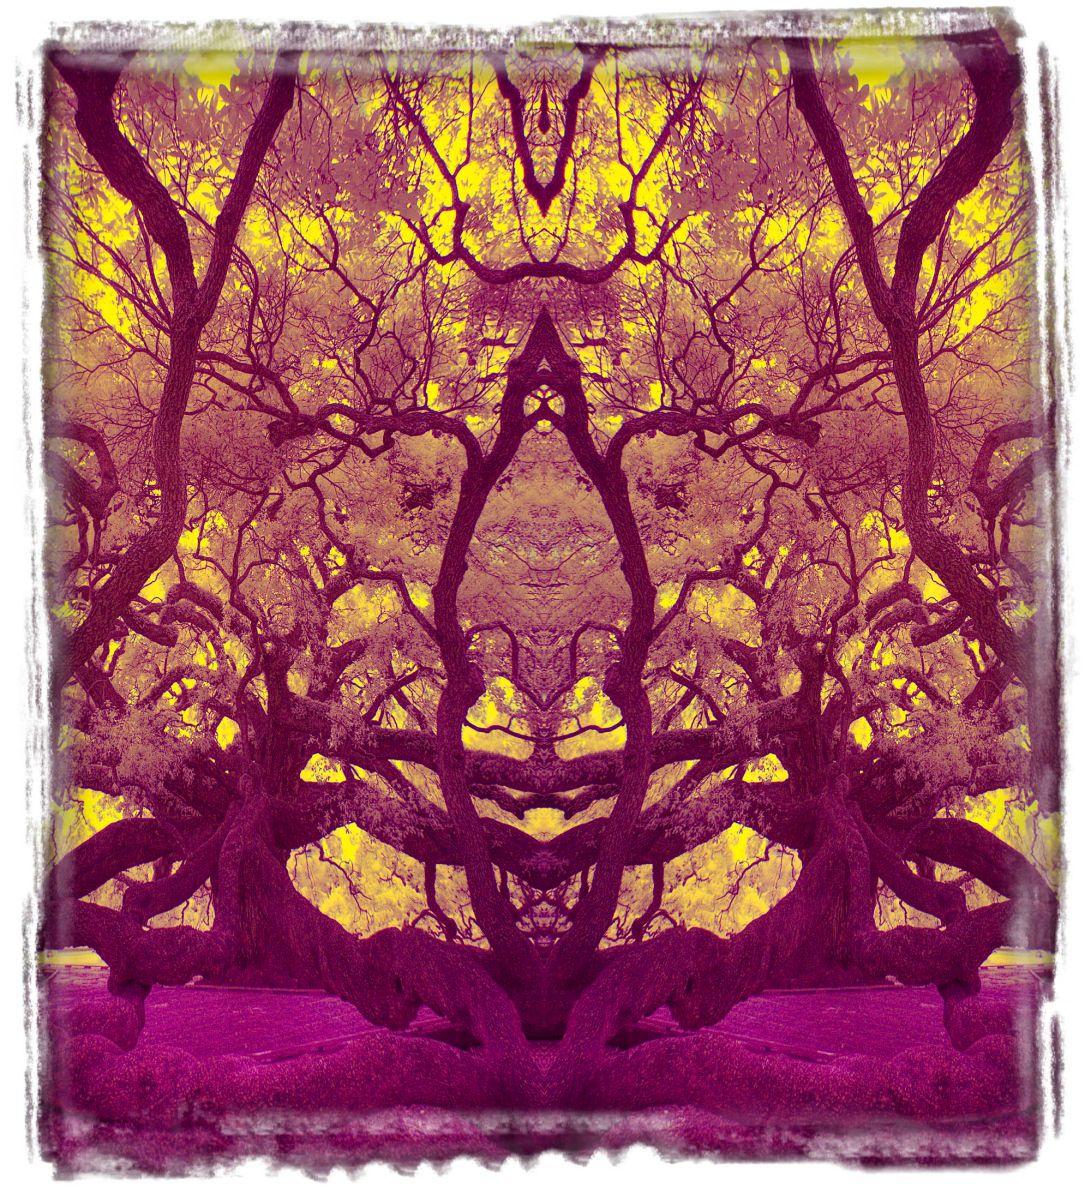 treaty oak, fl'12 3647b